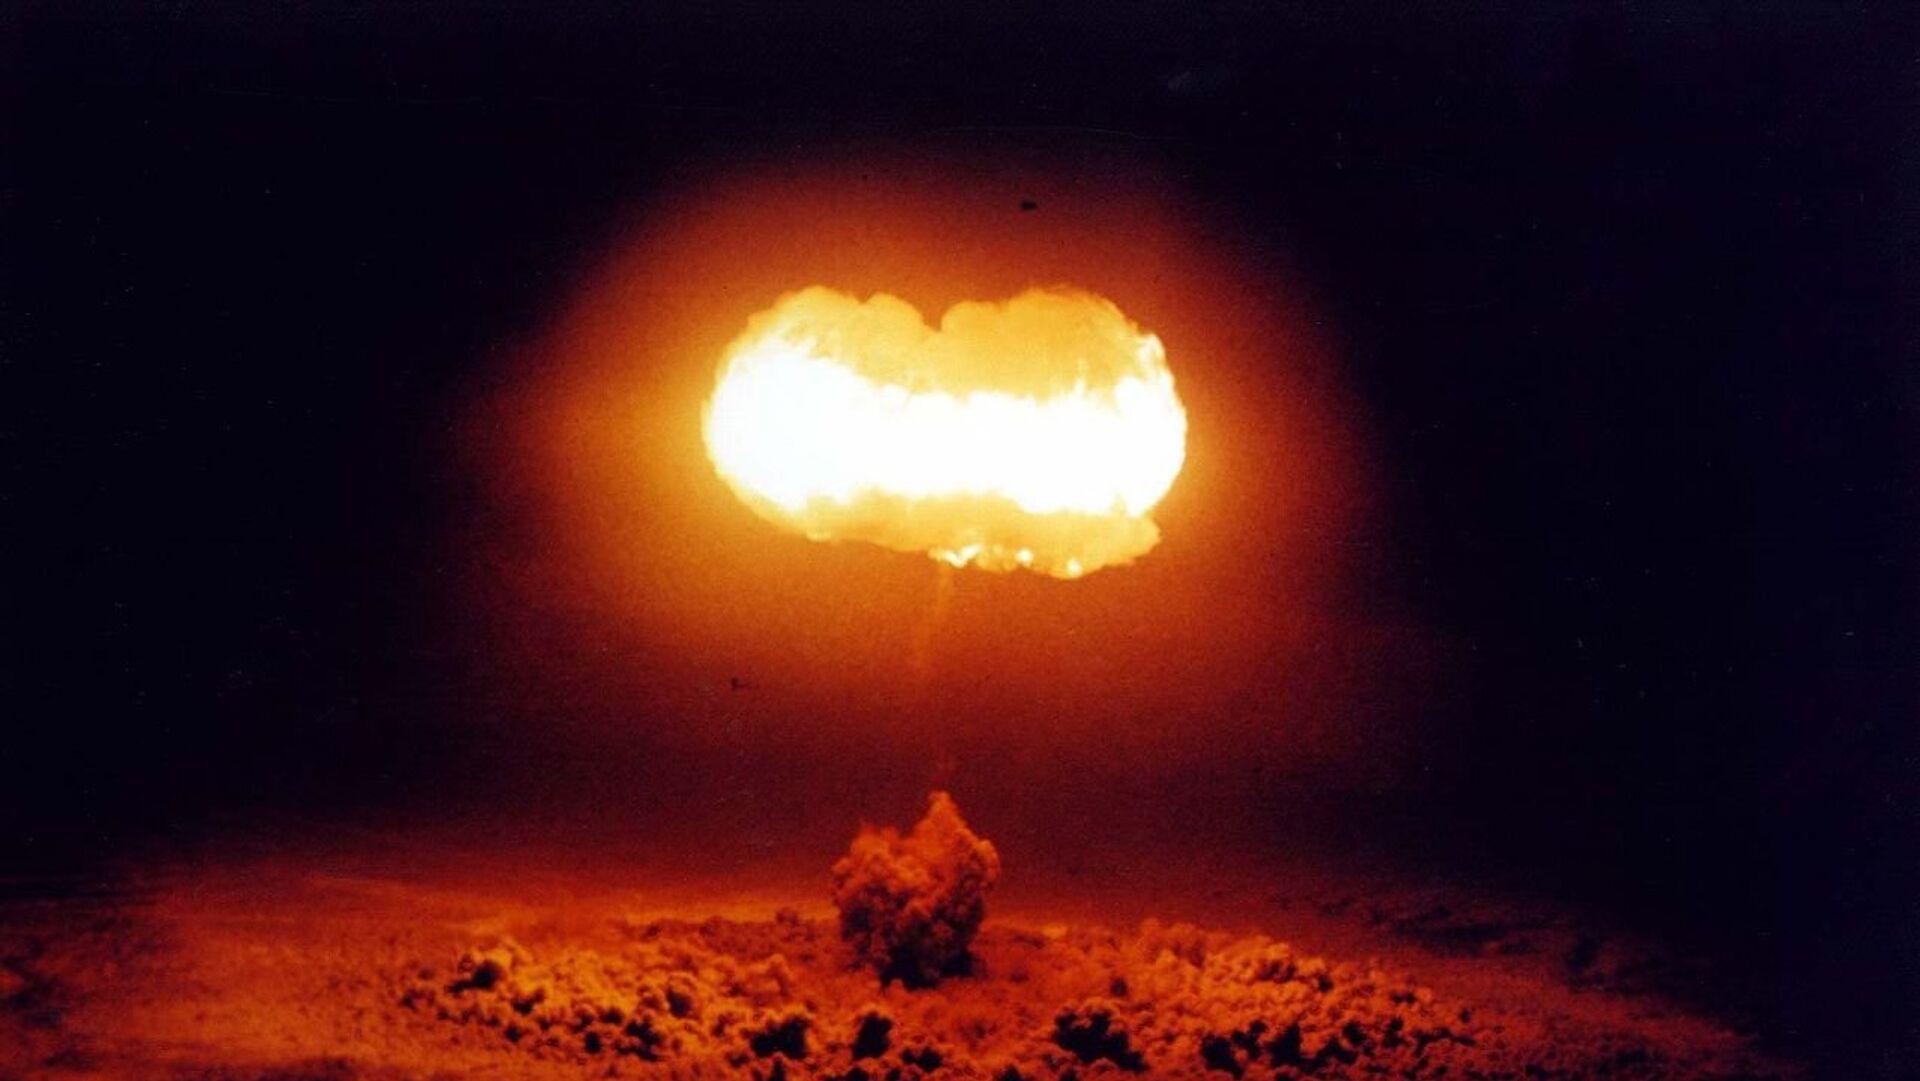 Ядерный взрыв, архивное фото - Sputnik Таджикистан, 1920, 06.10.2021